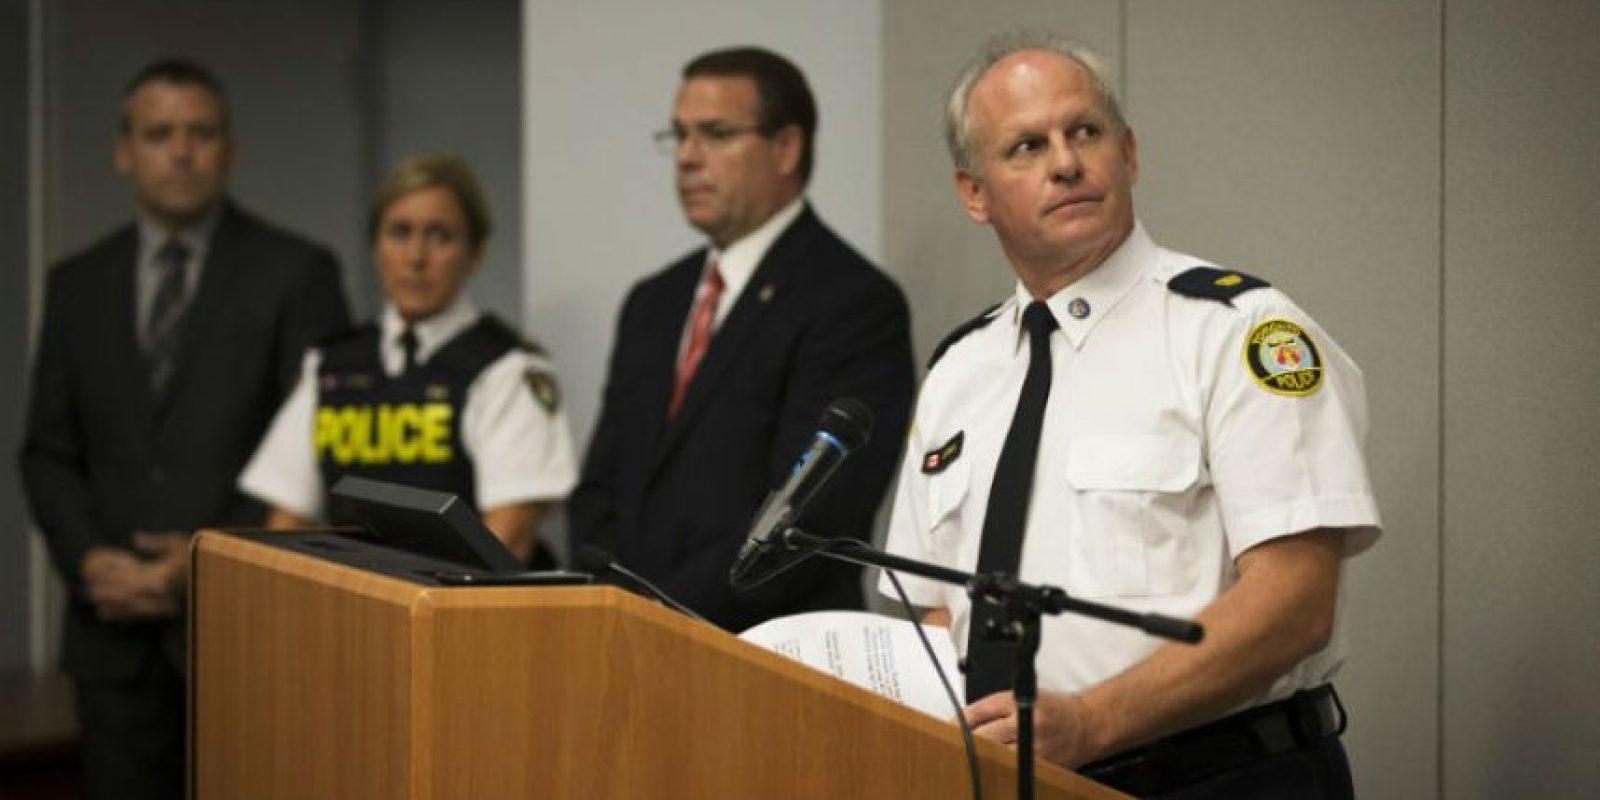 La policía amplió su investigación luego de tener conocimiento de estos suicidos Foto:AP